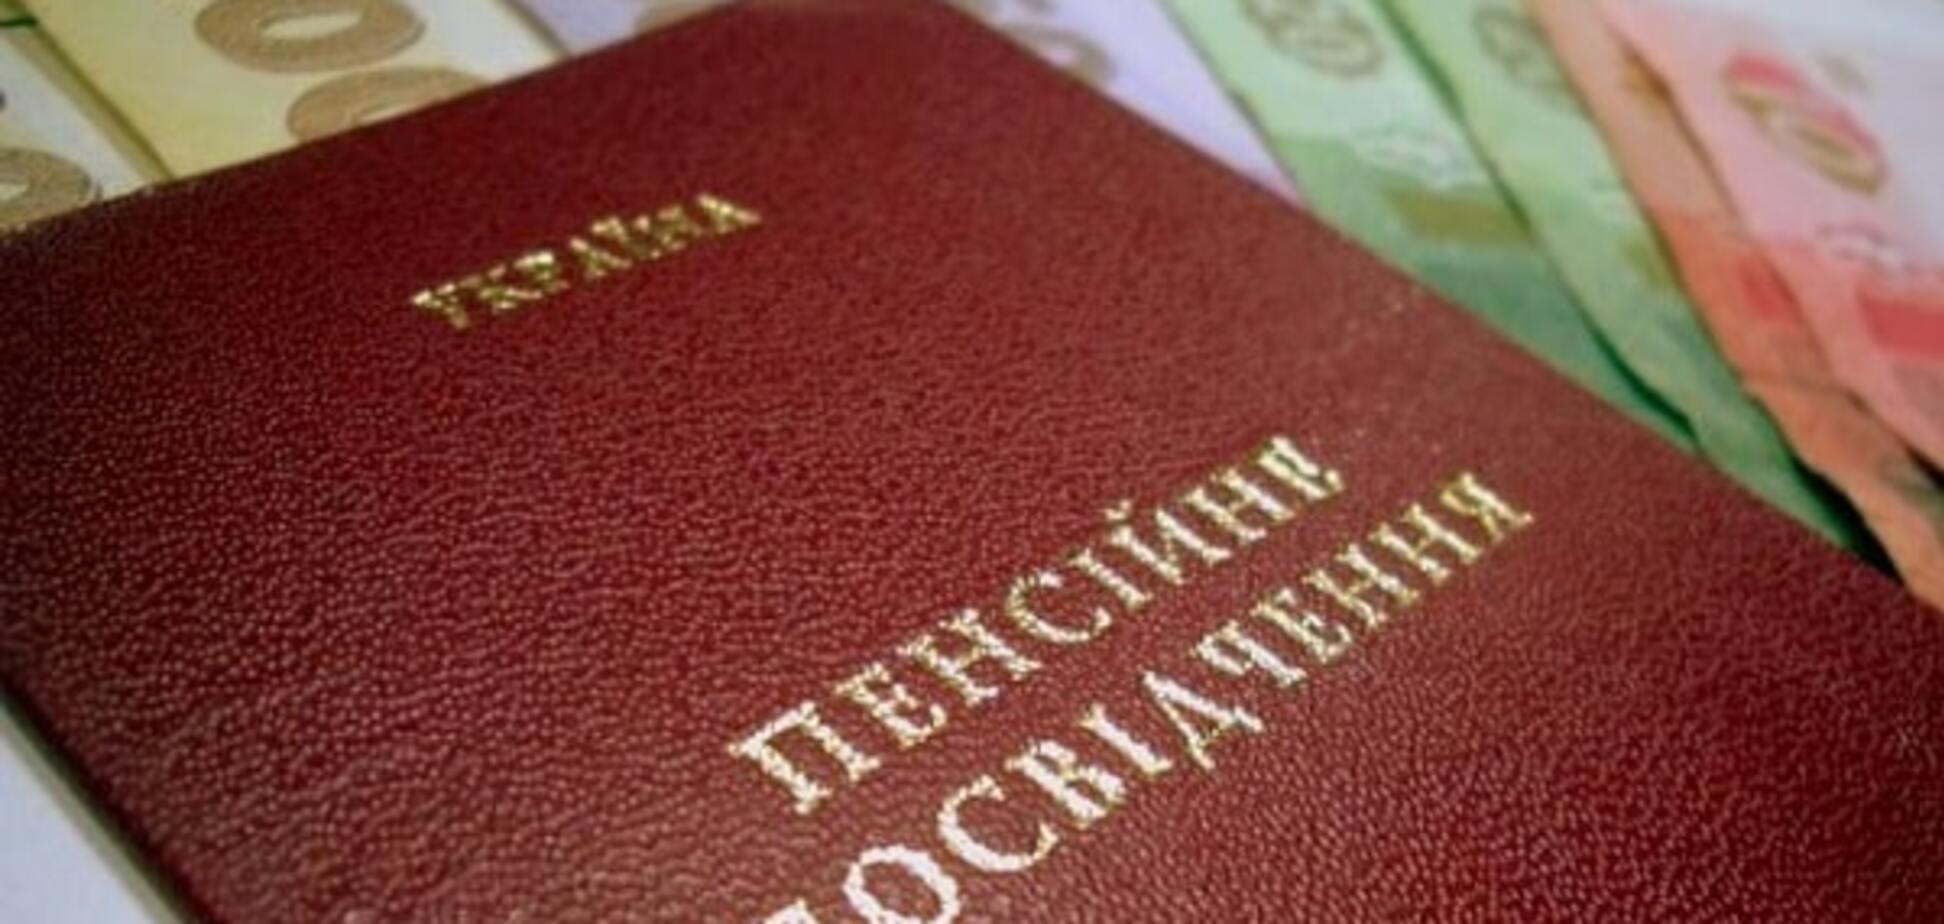 Відпочивати не заборониш: хто в Україні отримує найбільші пенсії